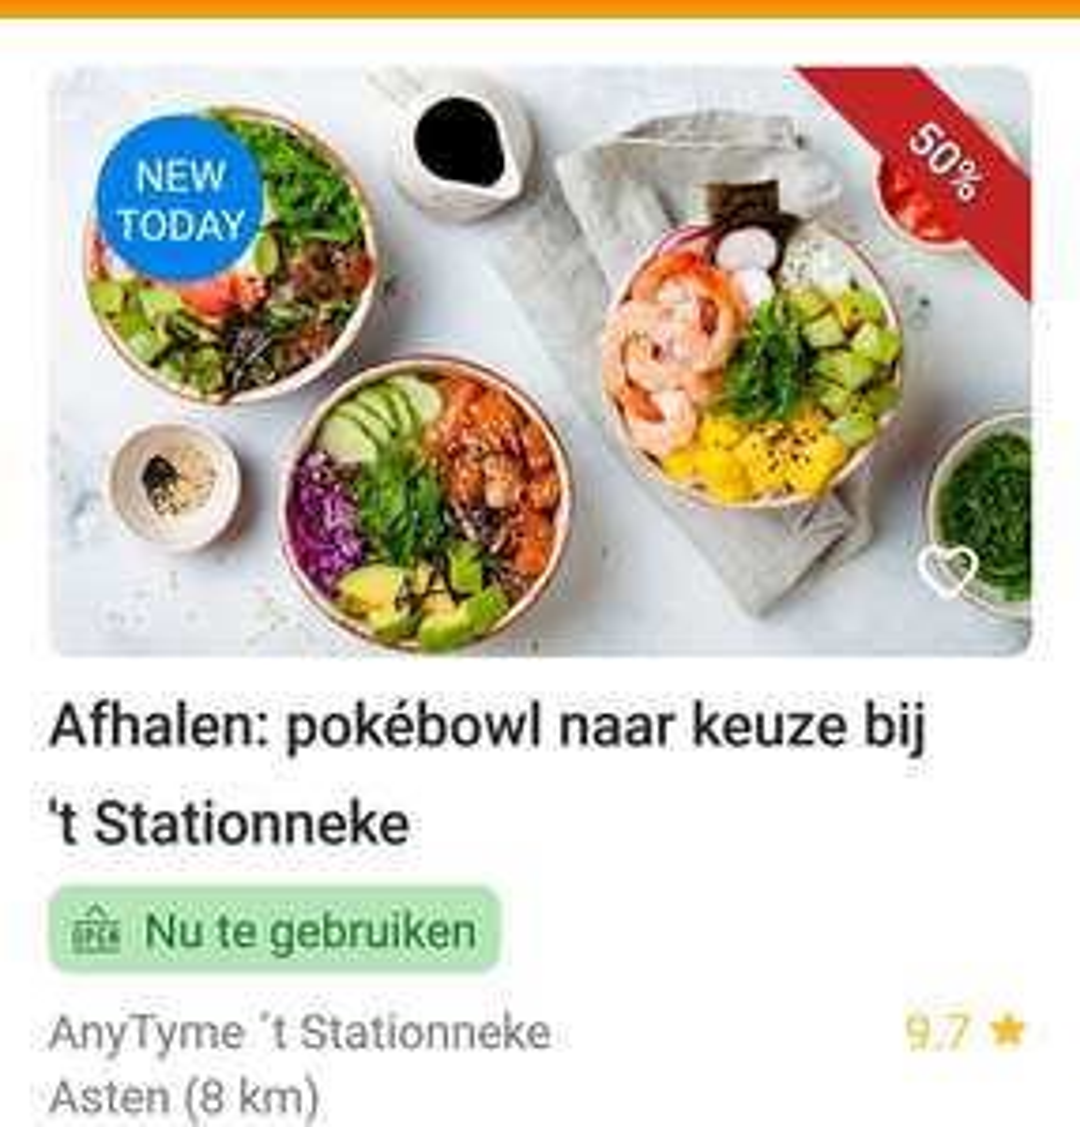 (LOKAAL) Pokebowl bij 't Stationneke Asten (omgeving Helmond)